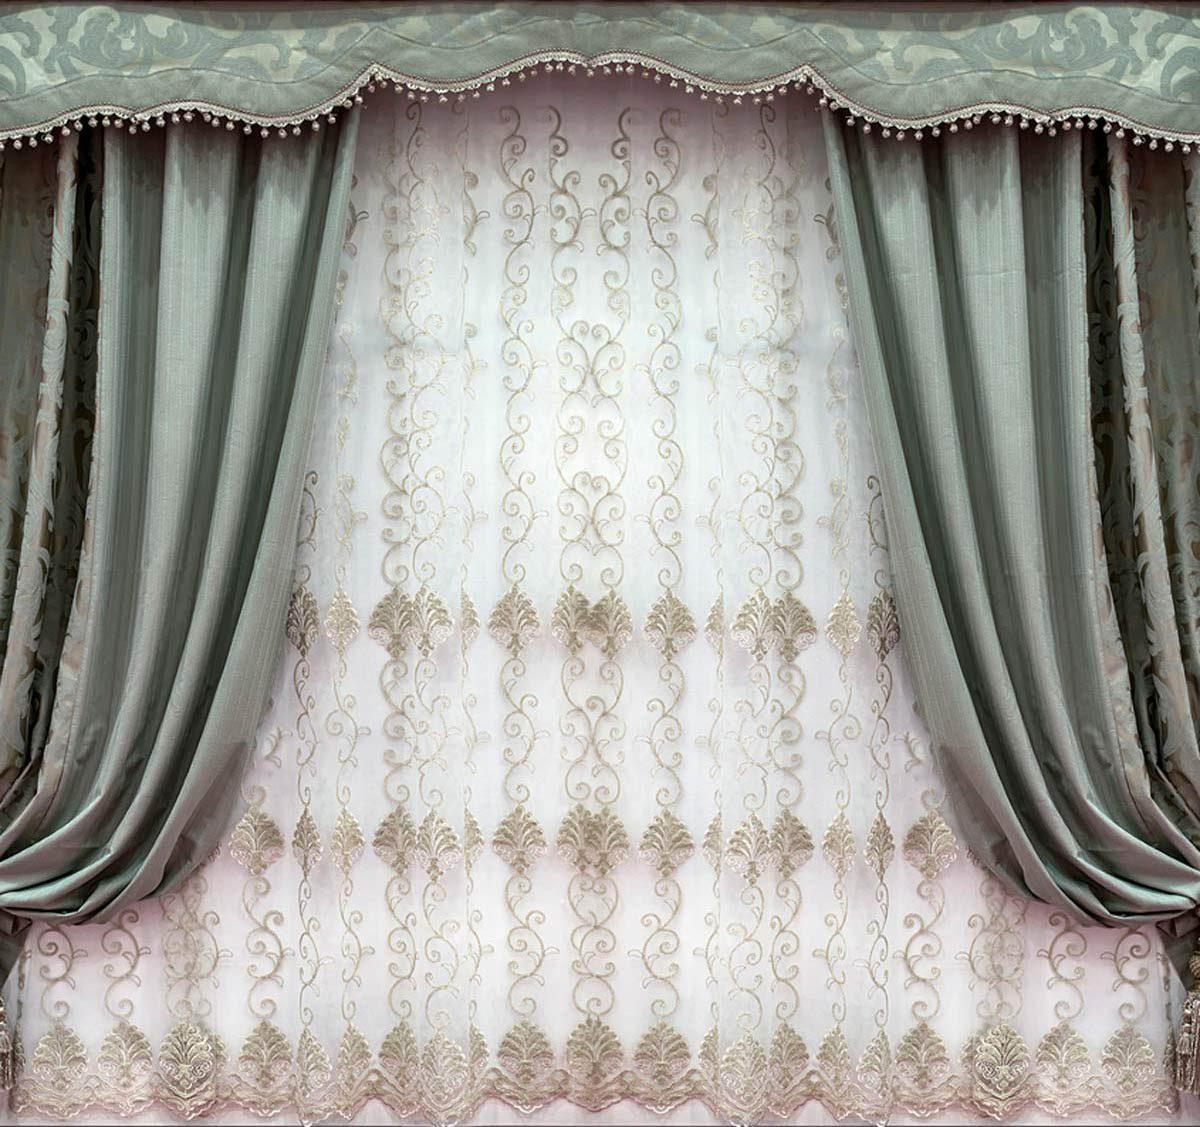 Votre maison vous fait vieillir si vos fenêtres sont décorées de rideaux à franges.